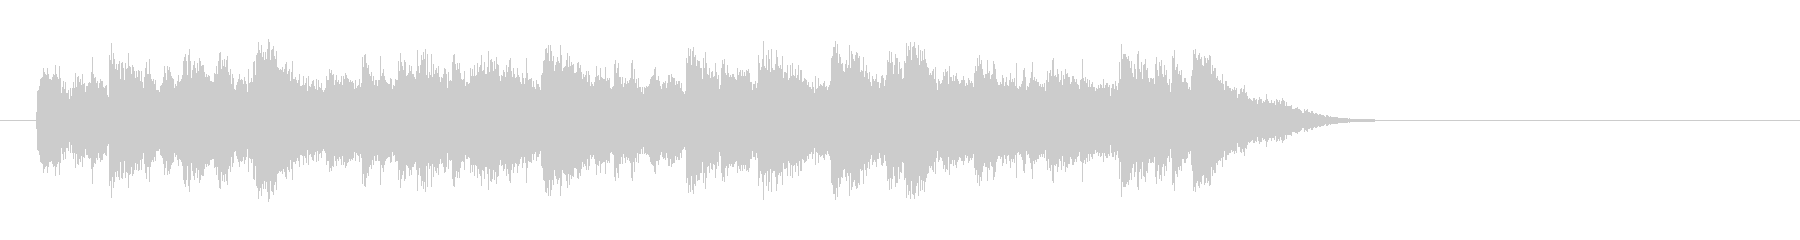 透明なポップバラード(サビ)の未再生の波形